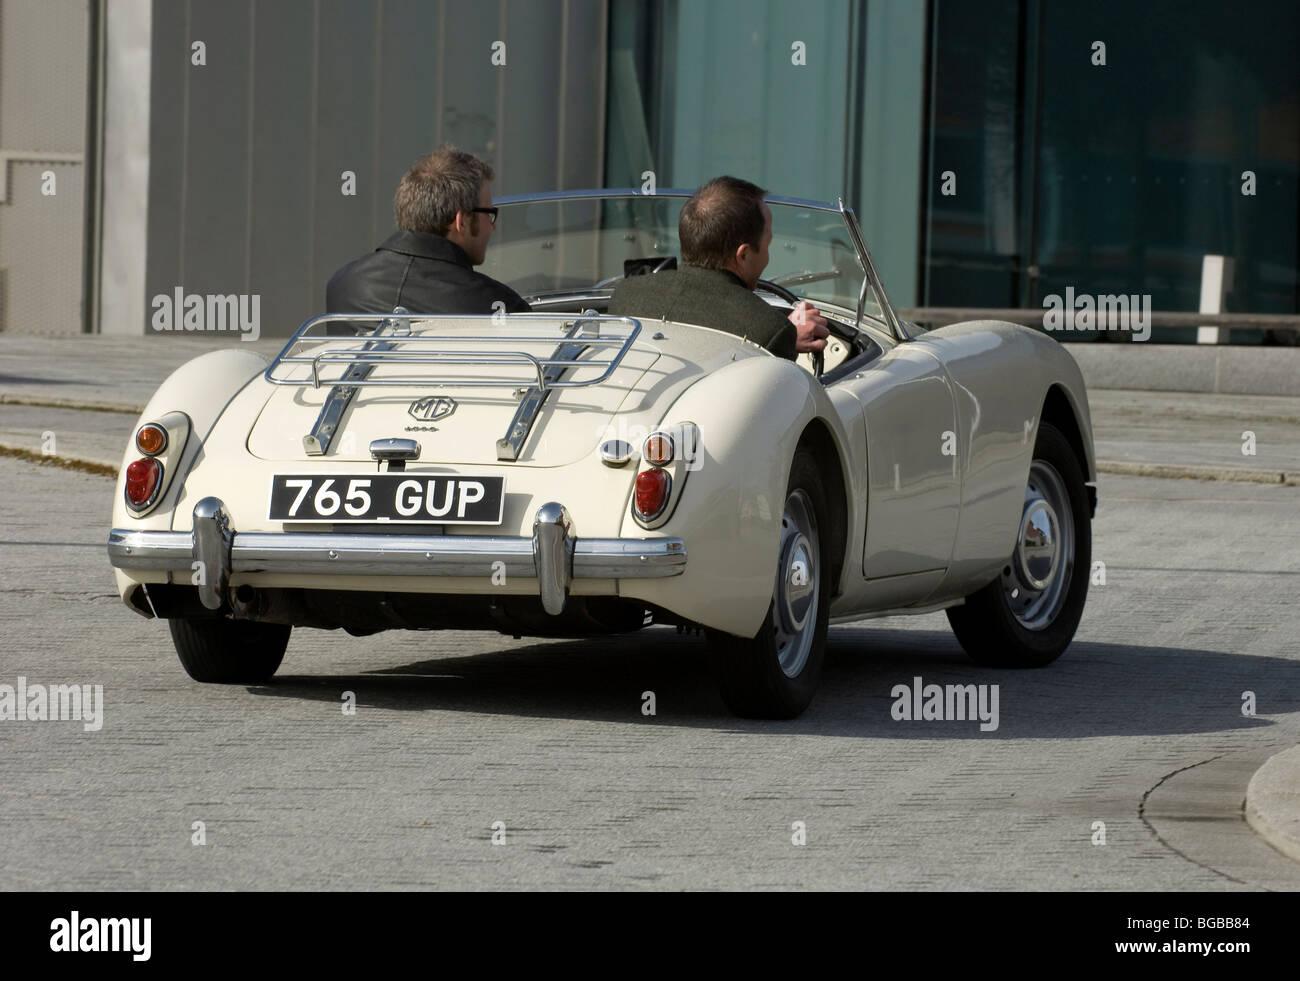 MGA klassisch Englisch öffnen Sportwagen Kurvenfahrt Stockbild